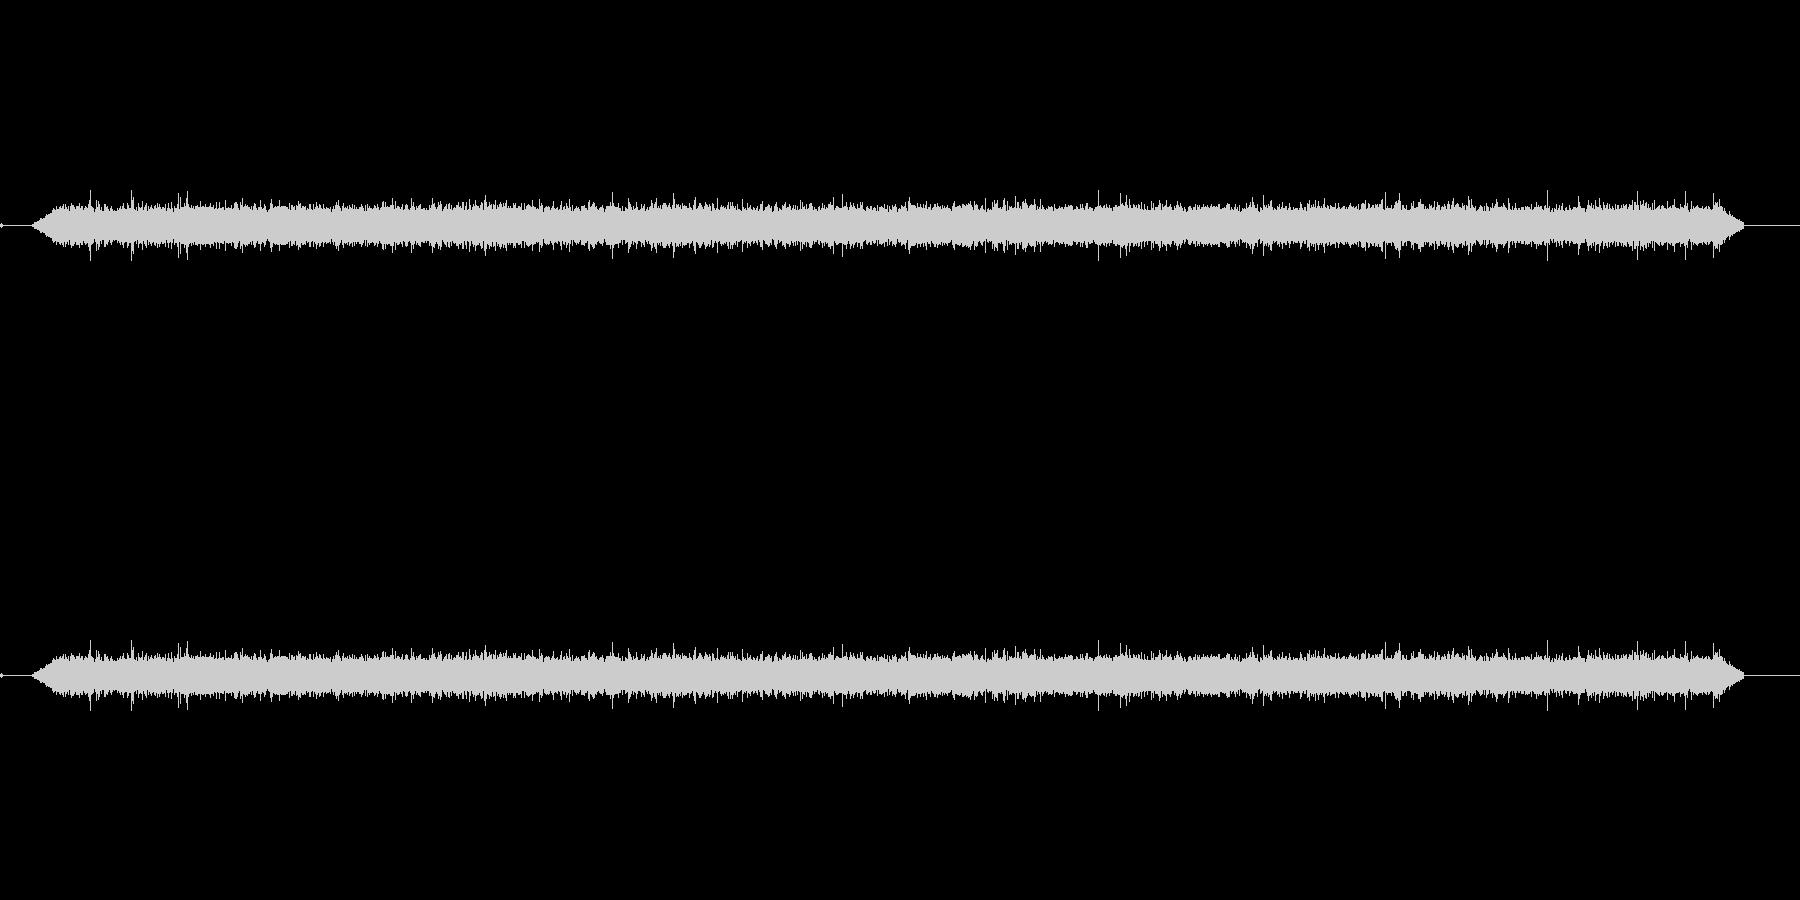 静かな小さなストリーム-ツイッター...の未再生の波形